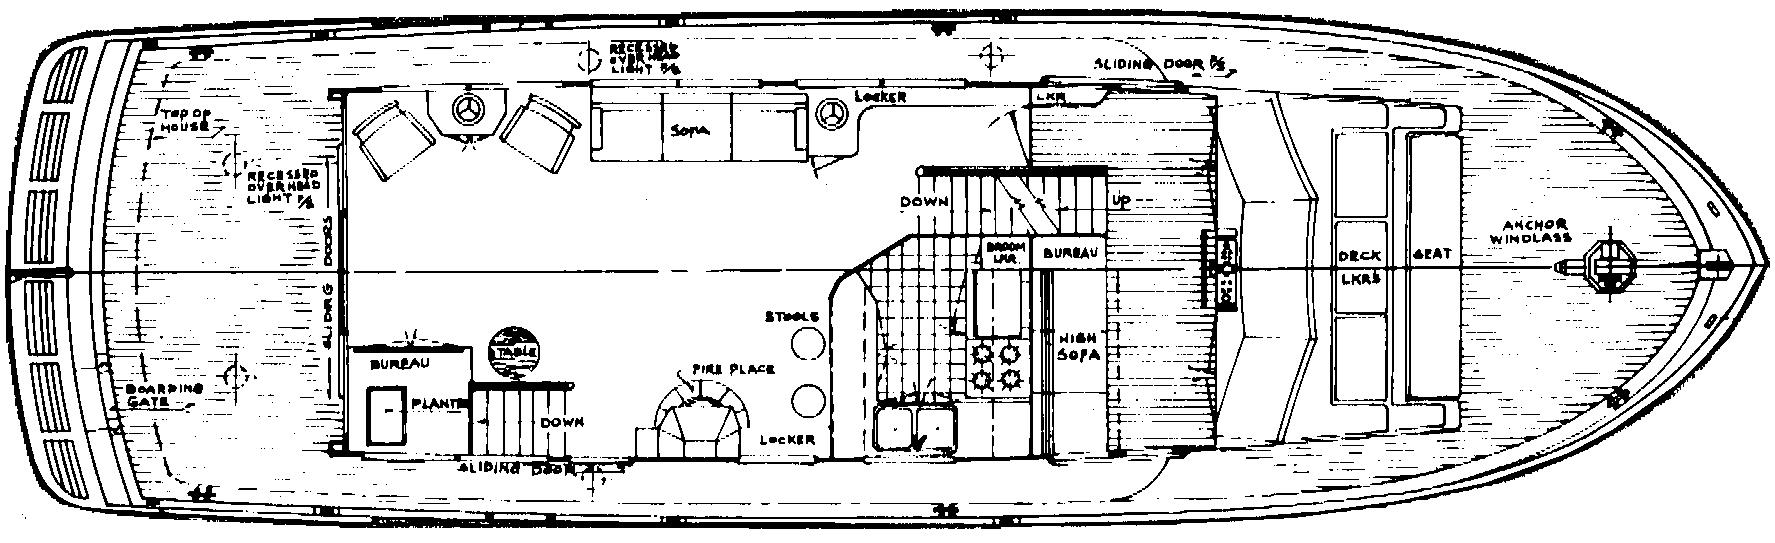 55 Long Range Trawler Floor Plan 2